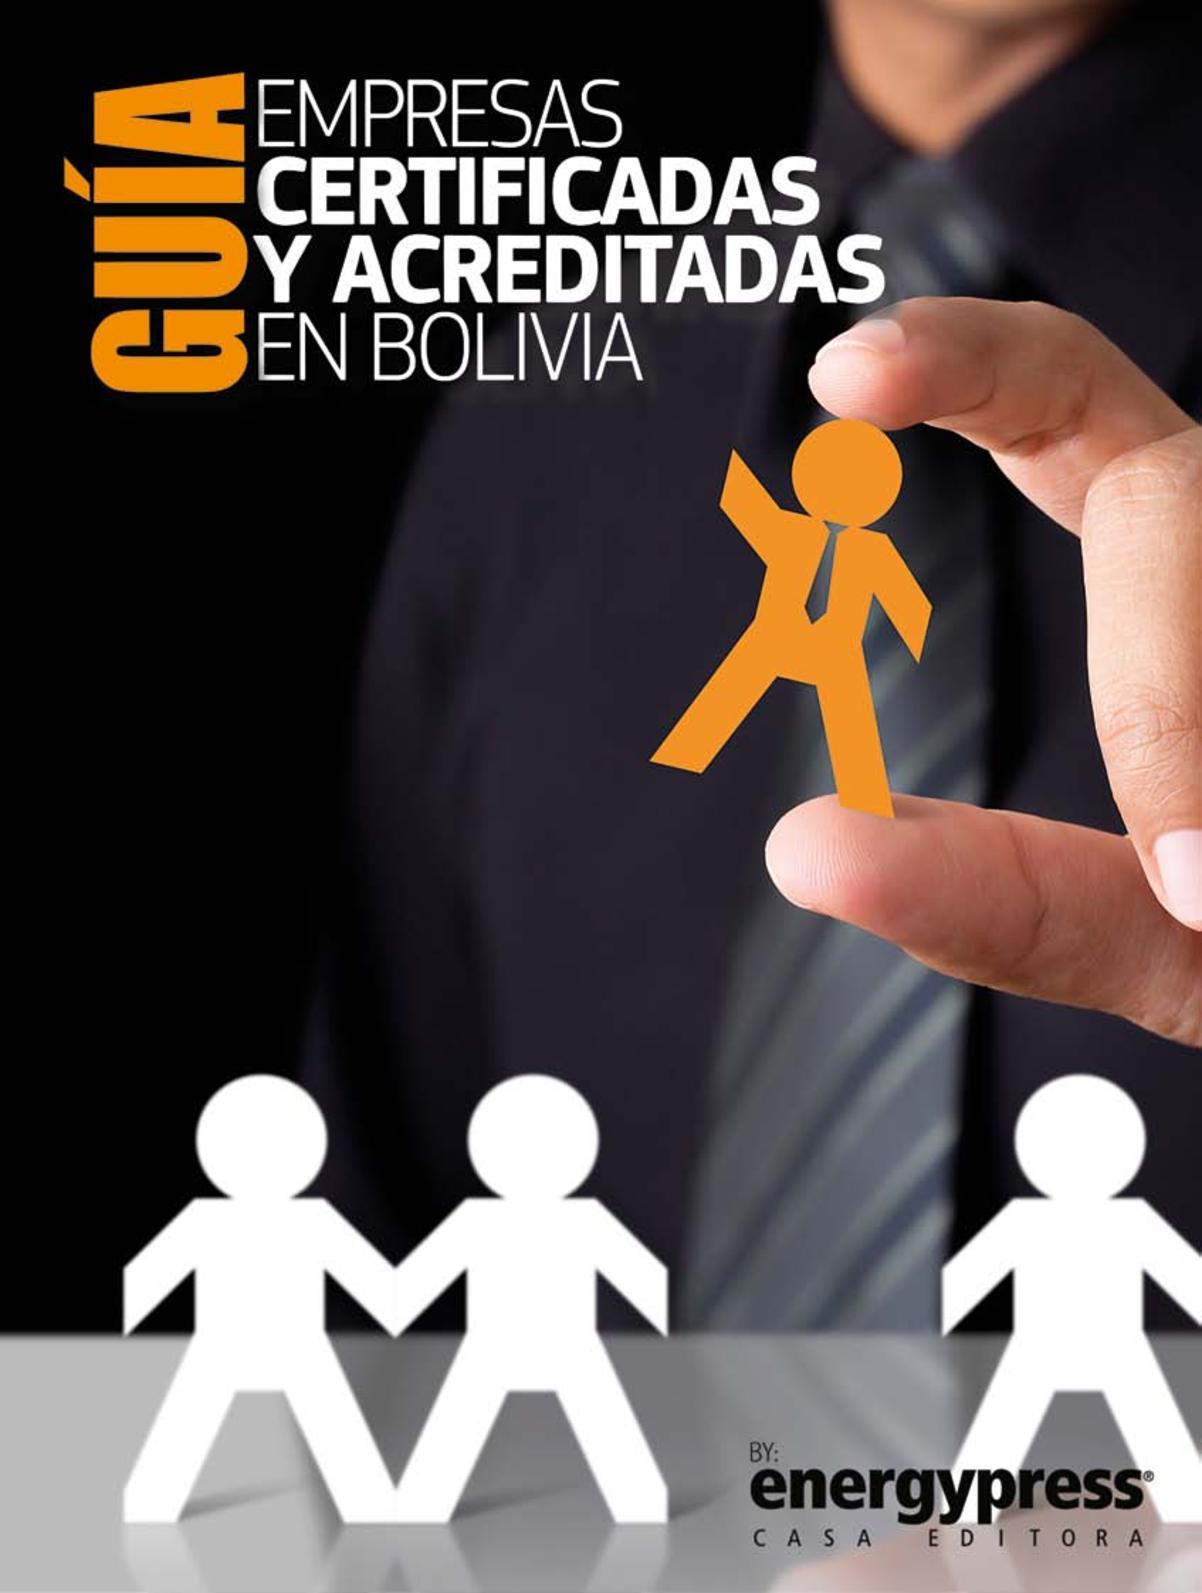 GUIA DE EMPRESAS CERTIFICADAS BOLIVIA